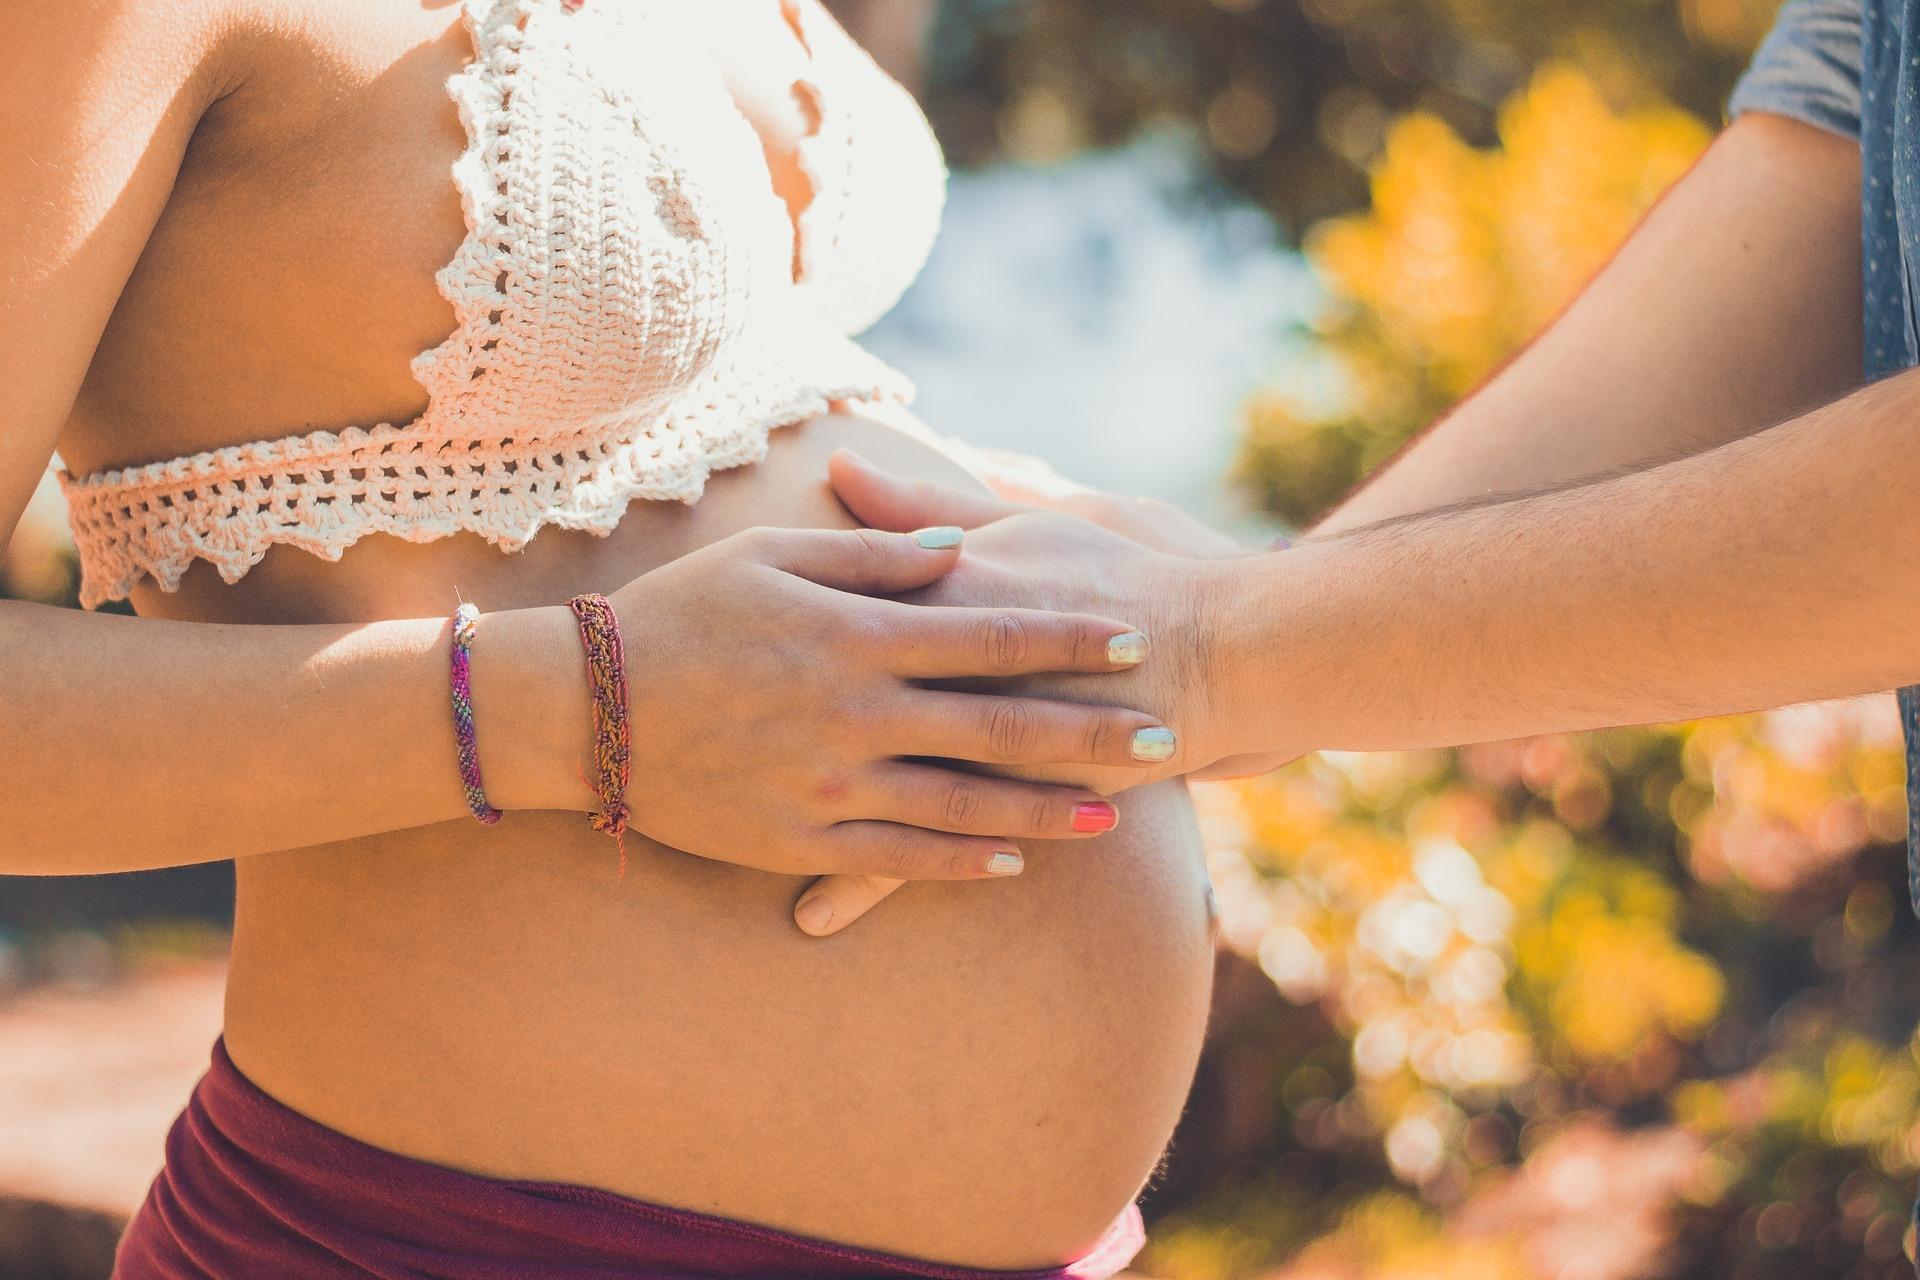 σεξ κατά την εγκυμοσύνη